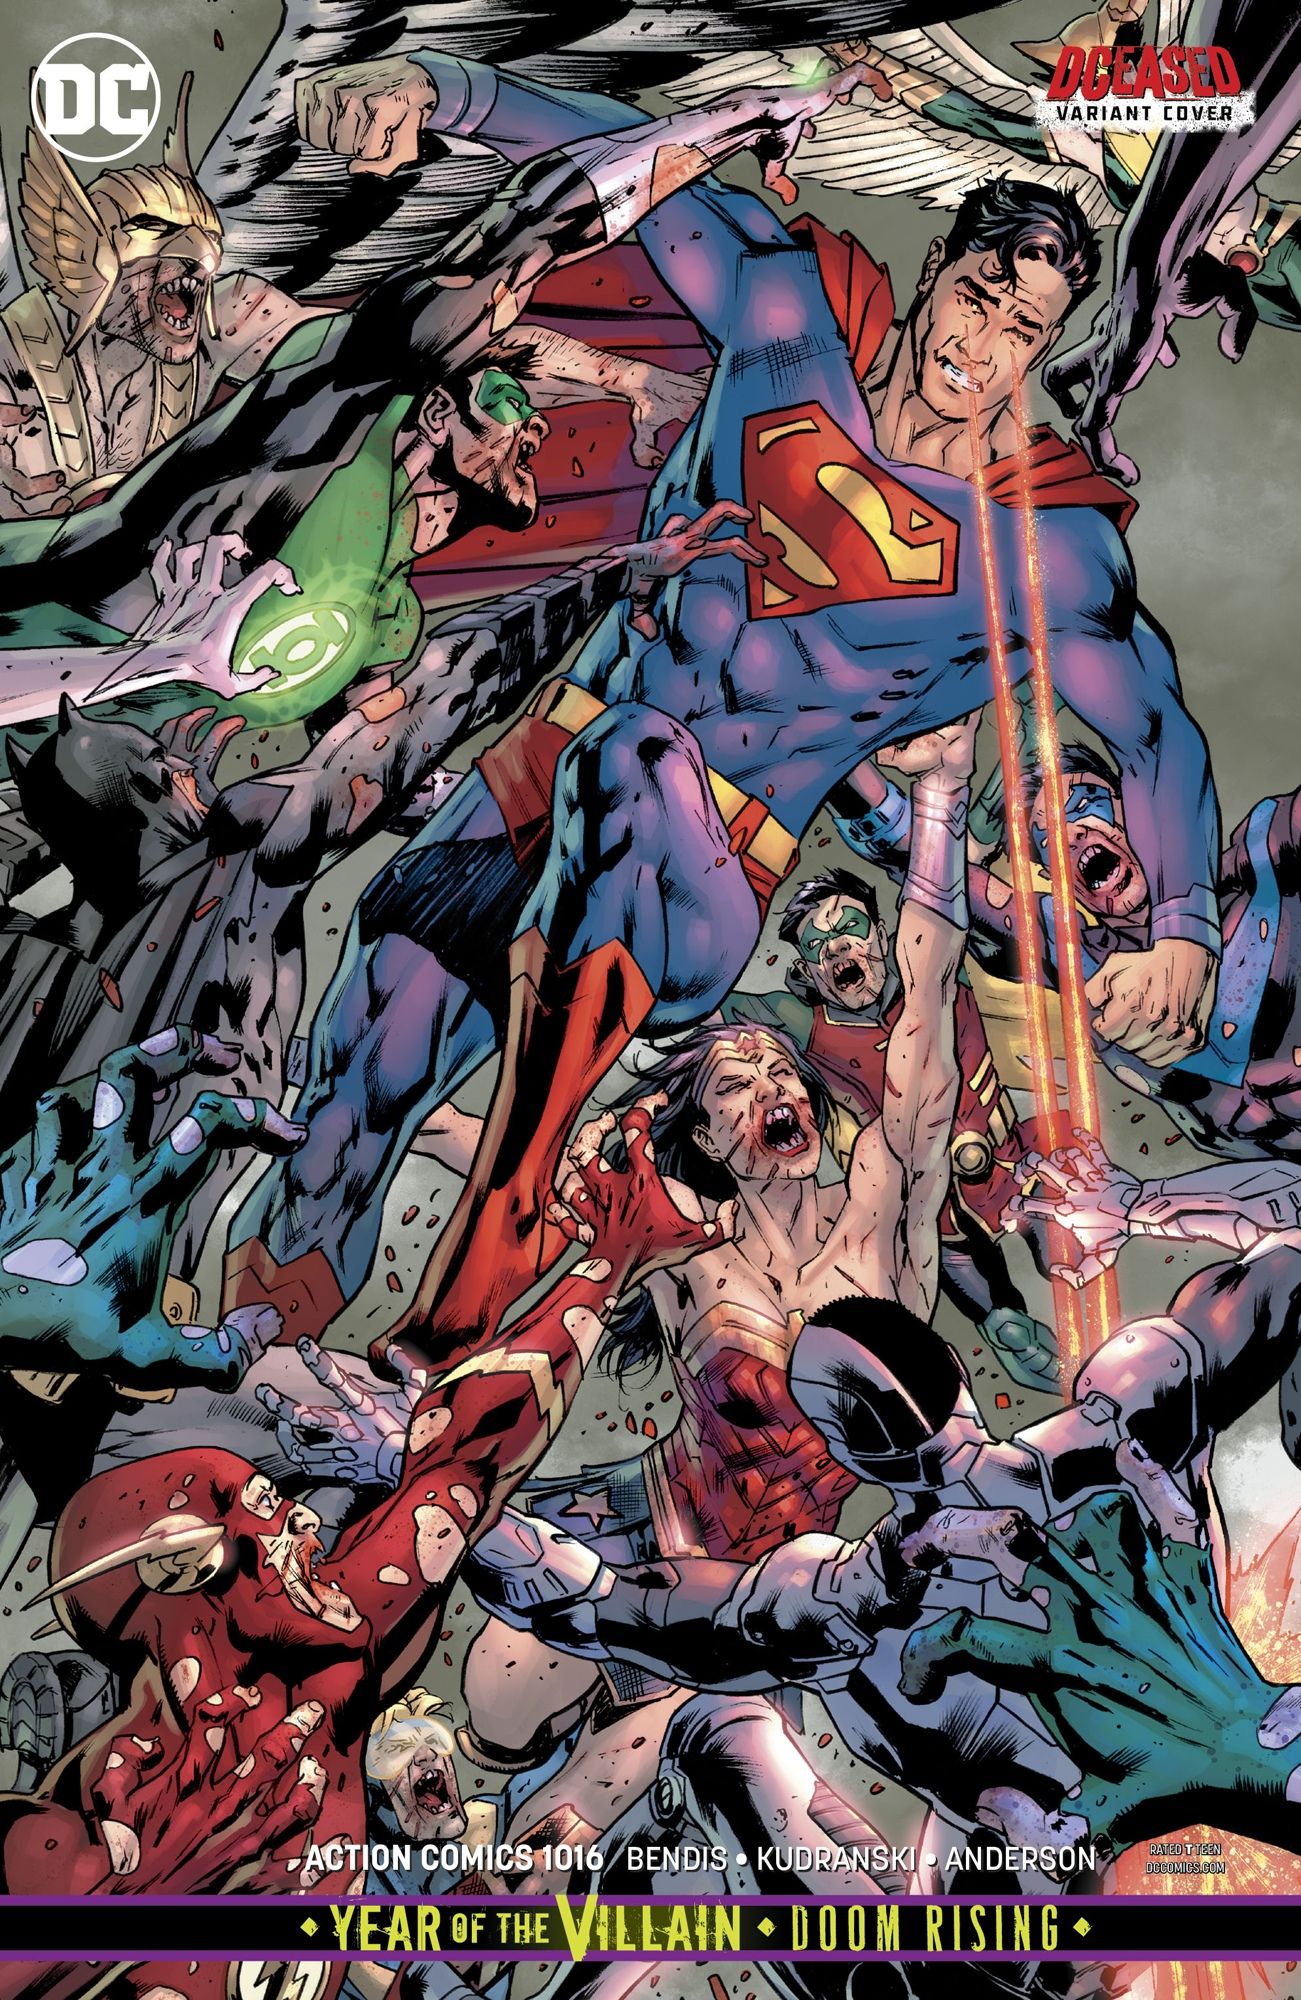 Action Comics Vol 1 1016 Variant.jpg